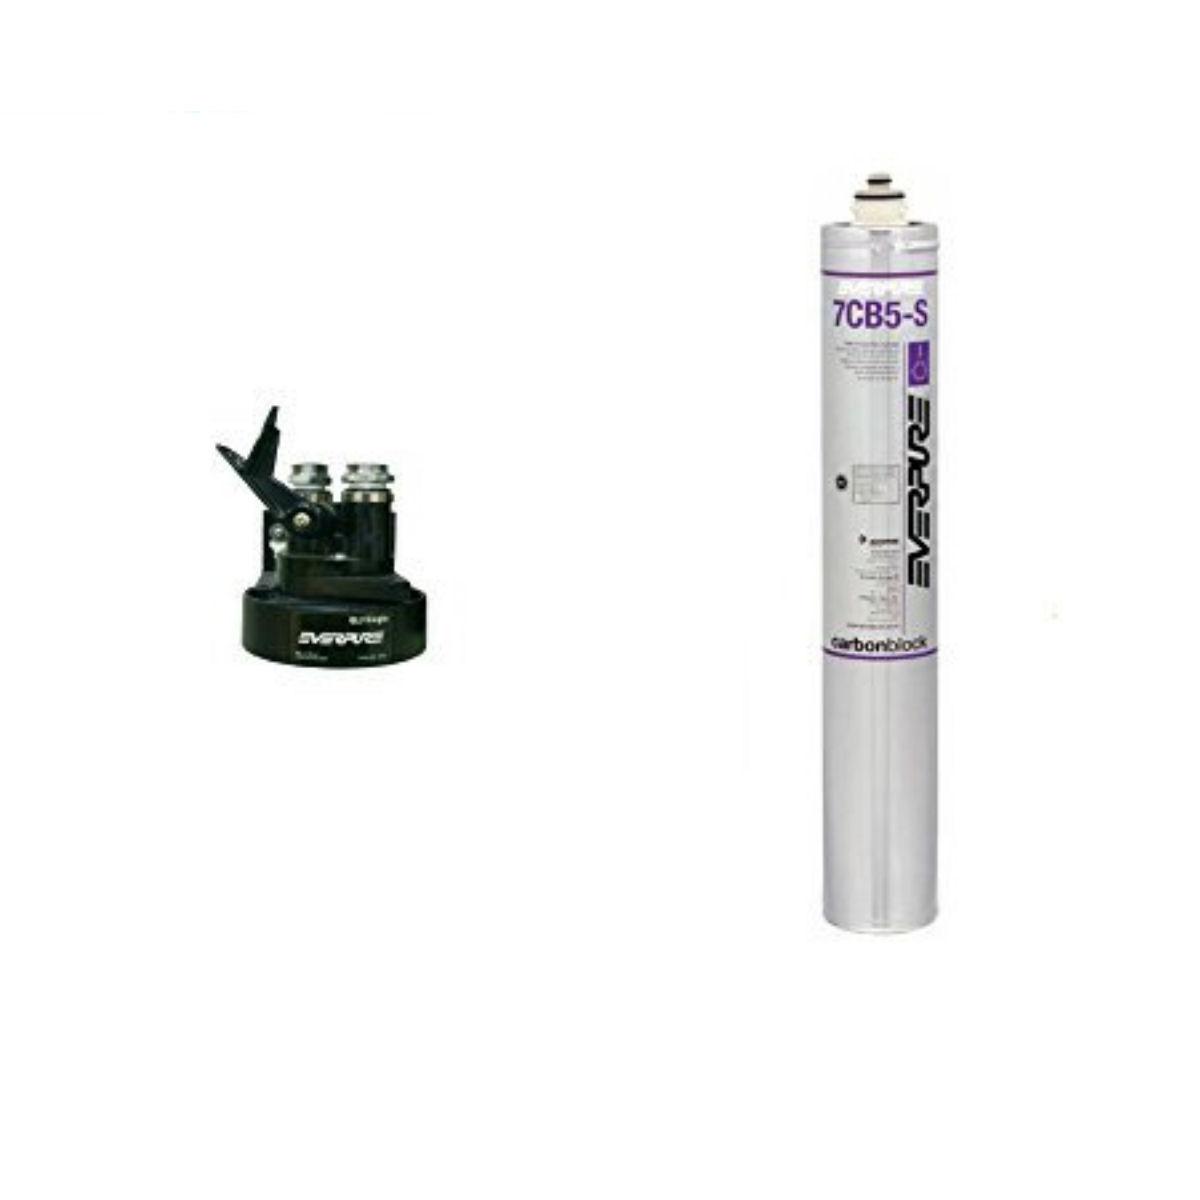 新規設置仕様 エバーピュア浄水器ヘッドフィルタセット品 QL3-7CB5-S